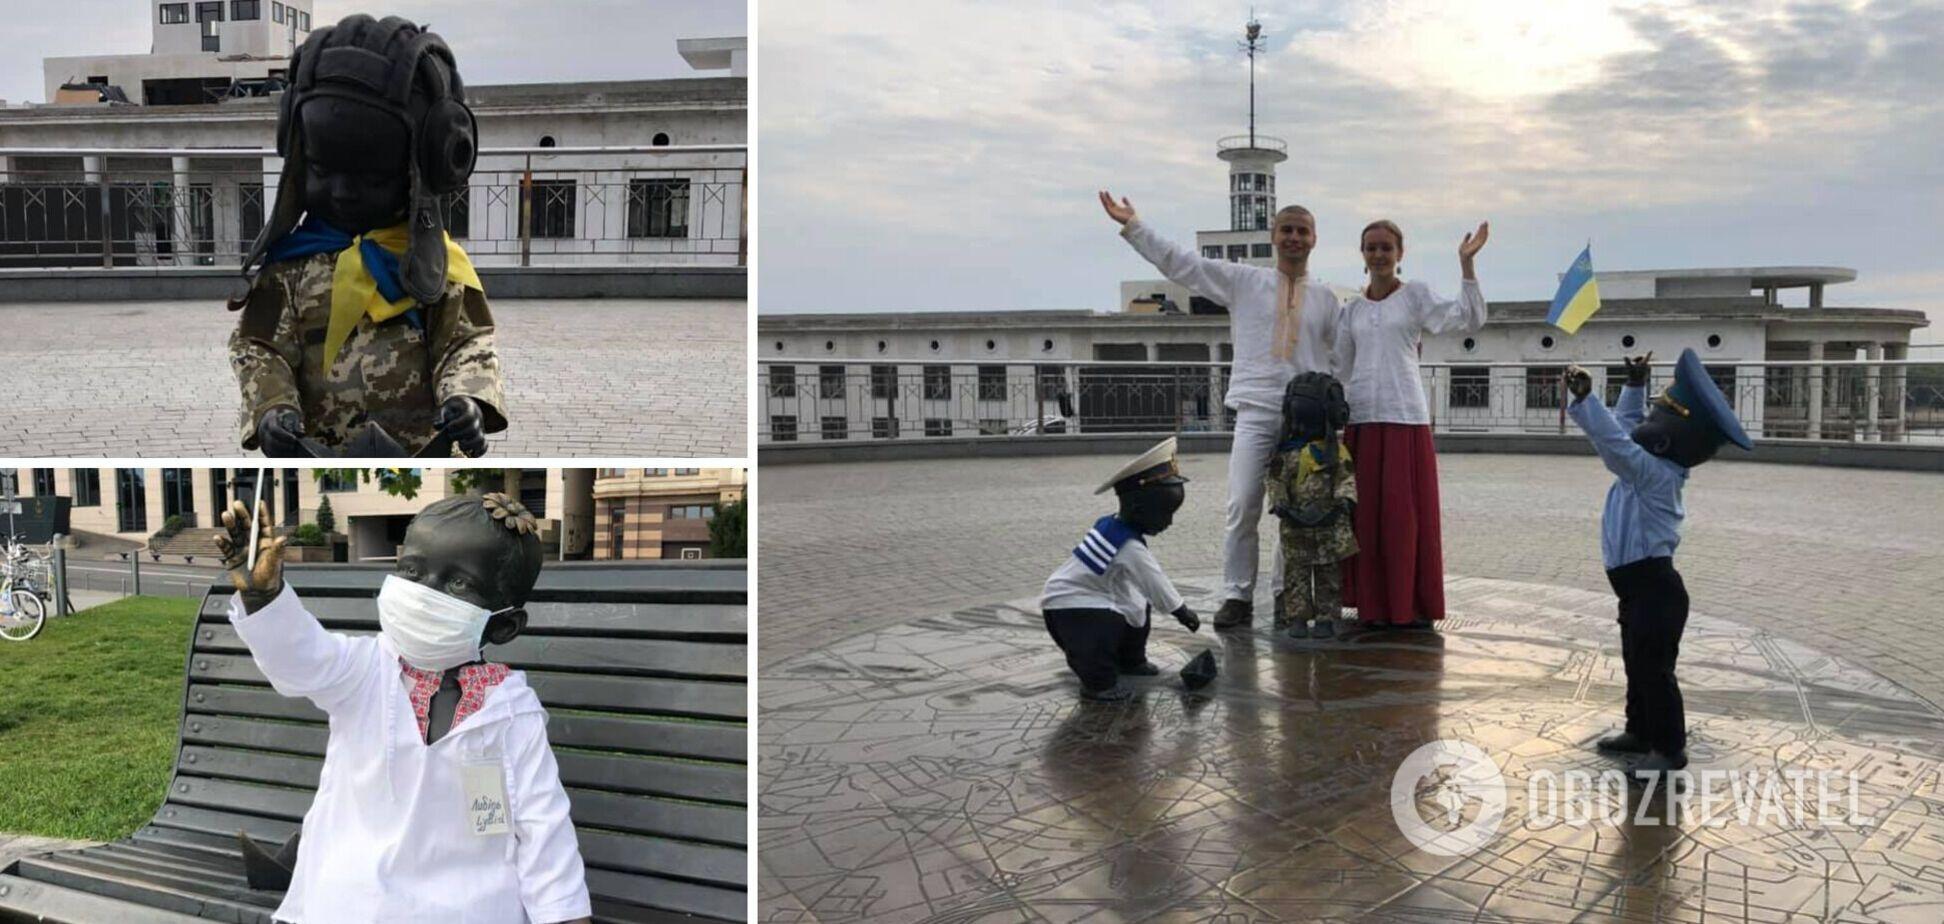 Автор фігурок привітав українців зі святом